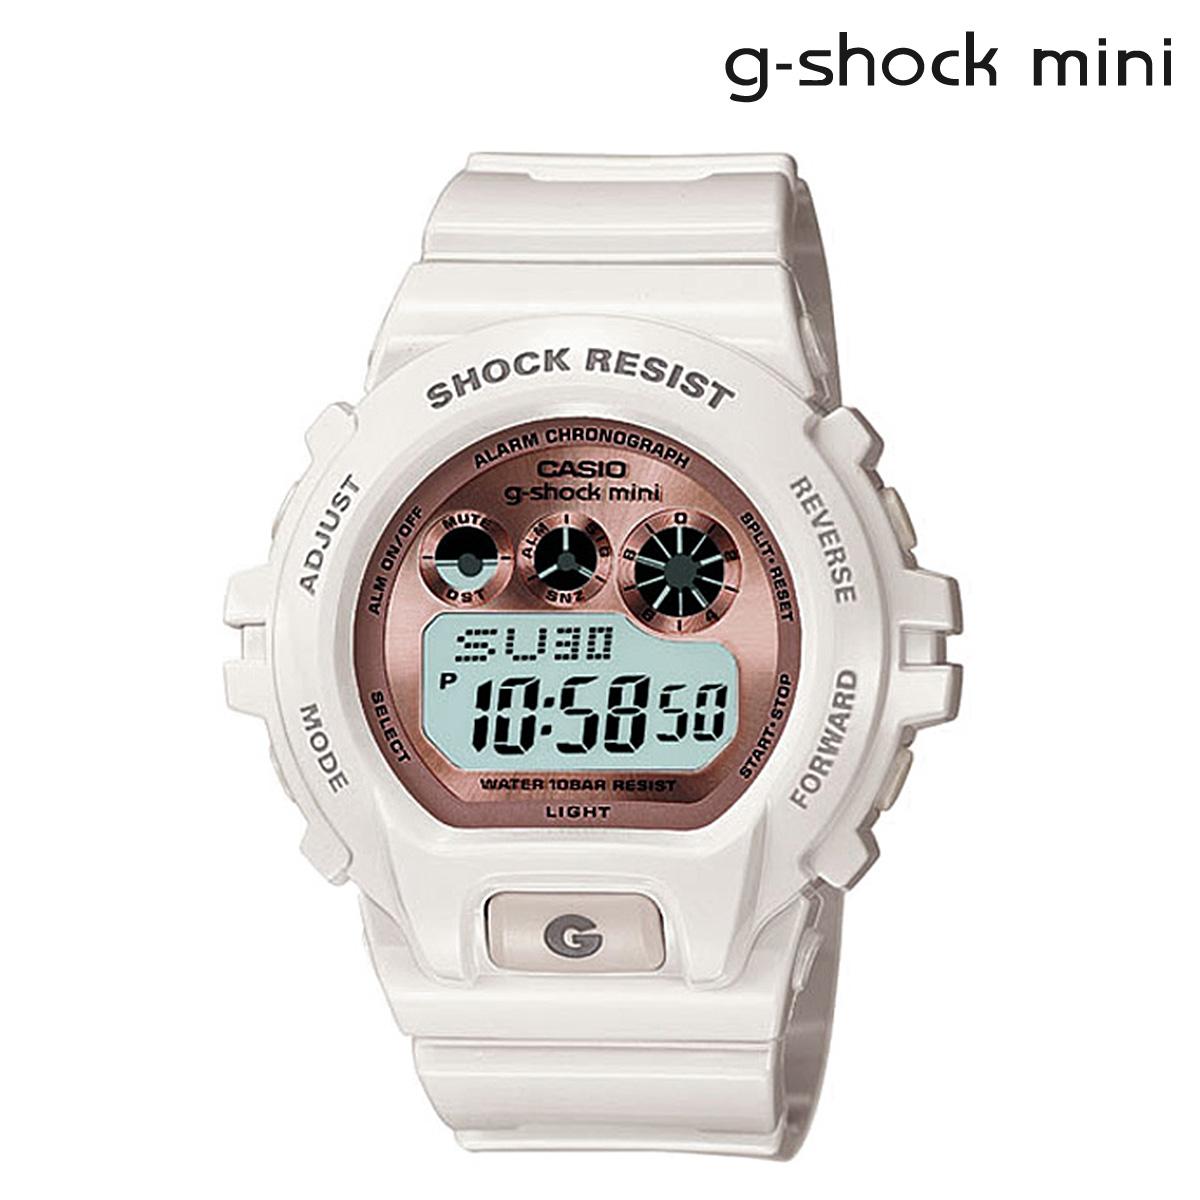 カシオ CASIO g-shock mini 腕時計 GMN-691-7BJF ジーショック ミニ Gショック G-ショック レディース